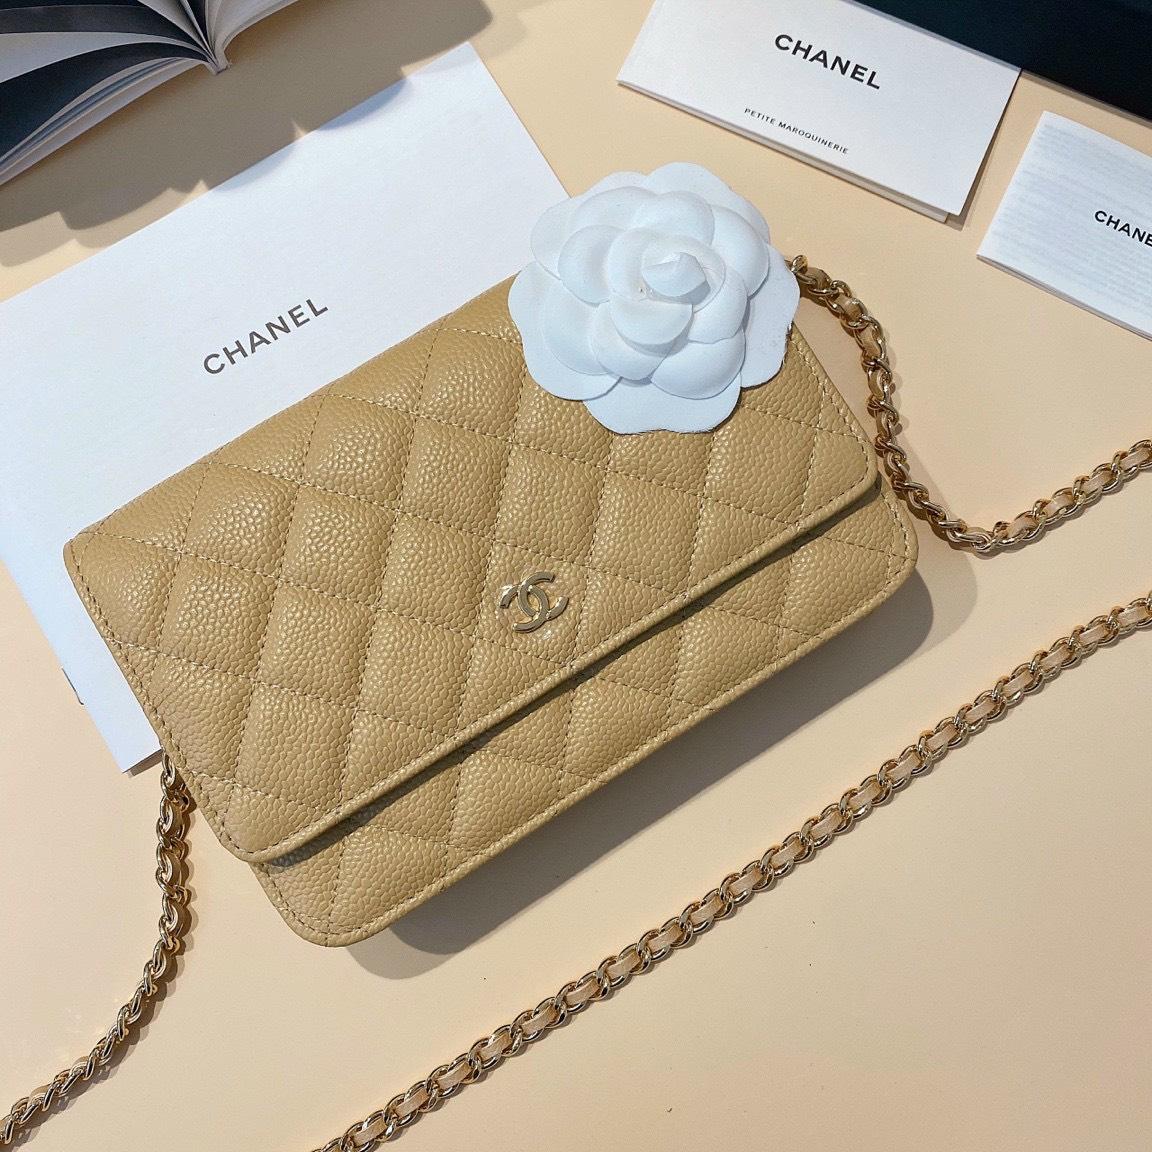 Top 7 mẫu túi xách Chanel công sở được quý cô yêu thích